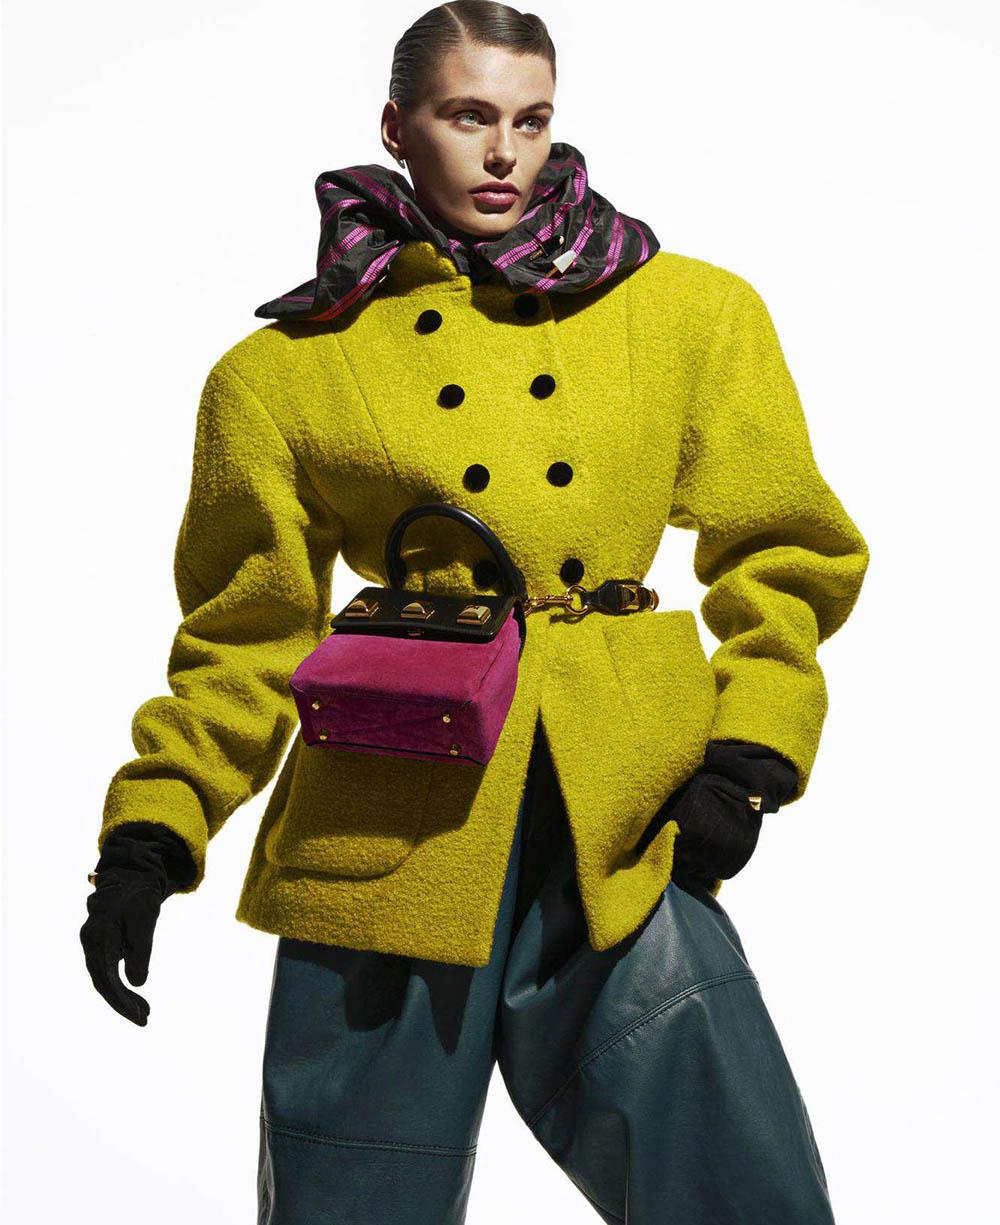 Madison Headrick by Sebastian Kim for Harper's Bazaar US September 2018